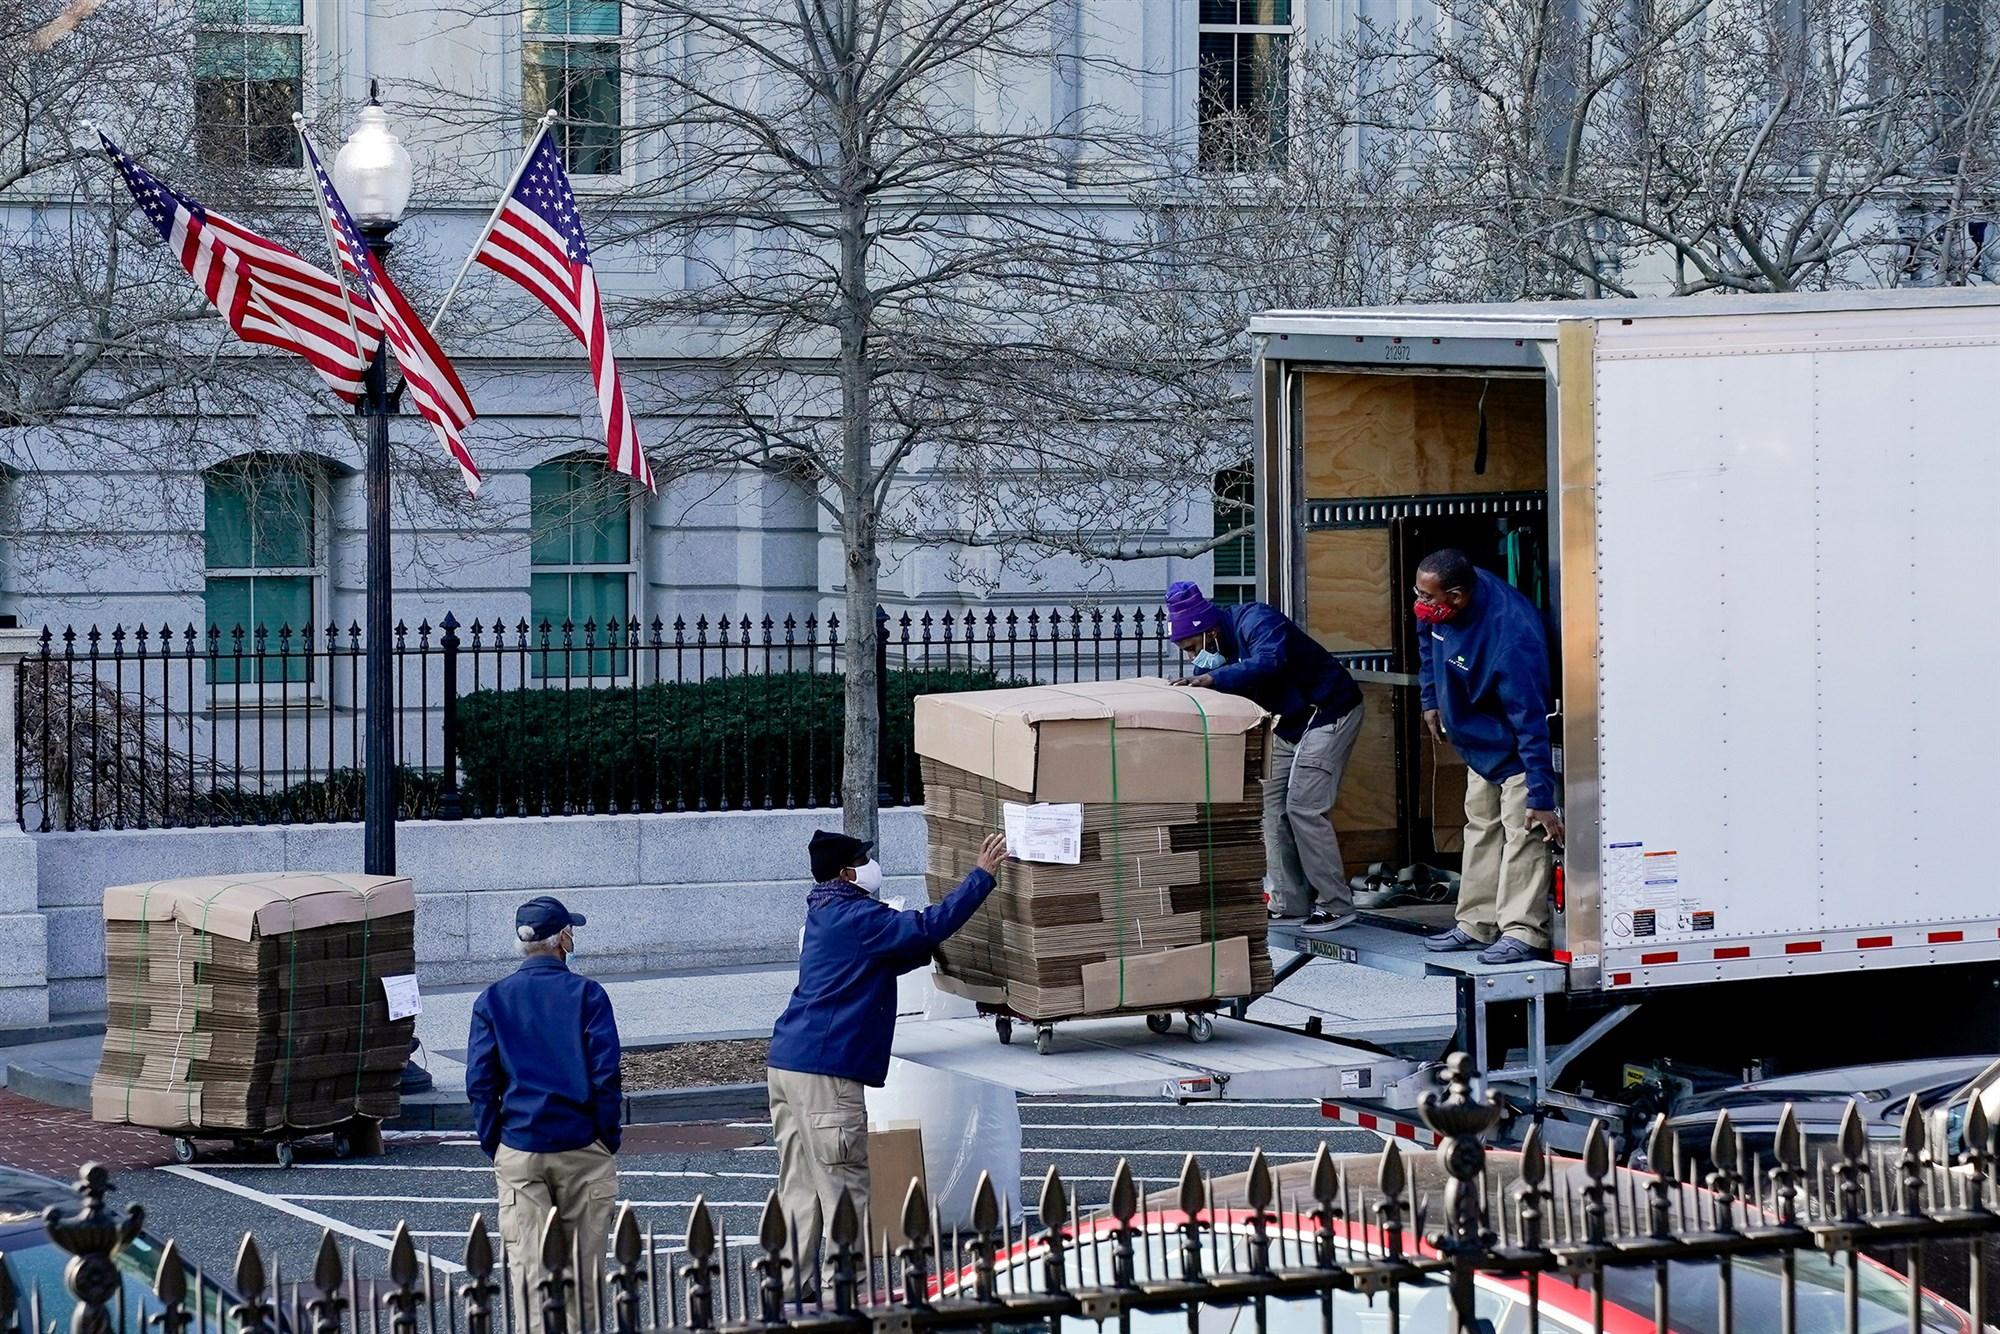 外媒:特朗普任期倒计时,大量空箱子已运抵白宫